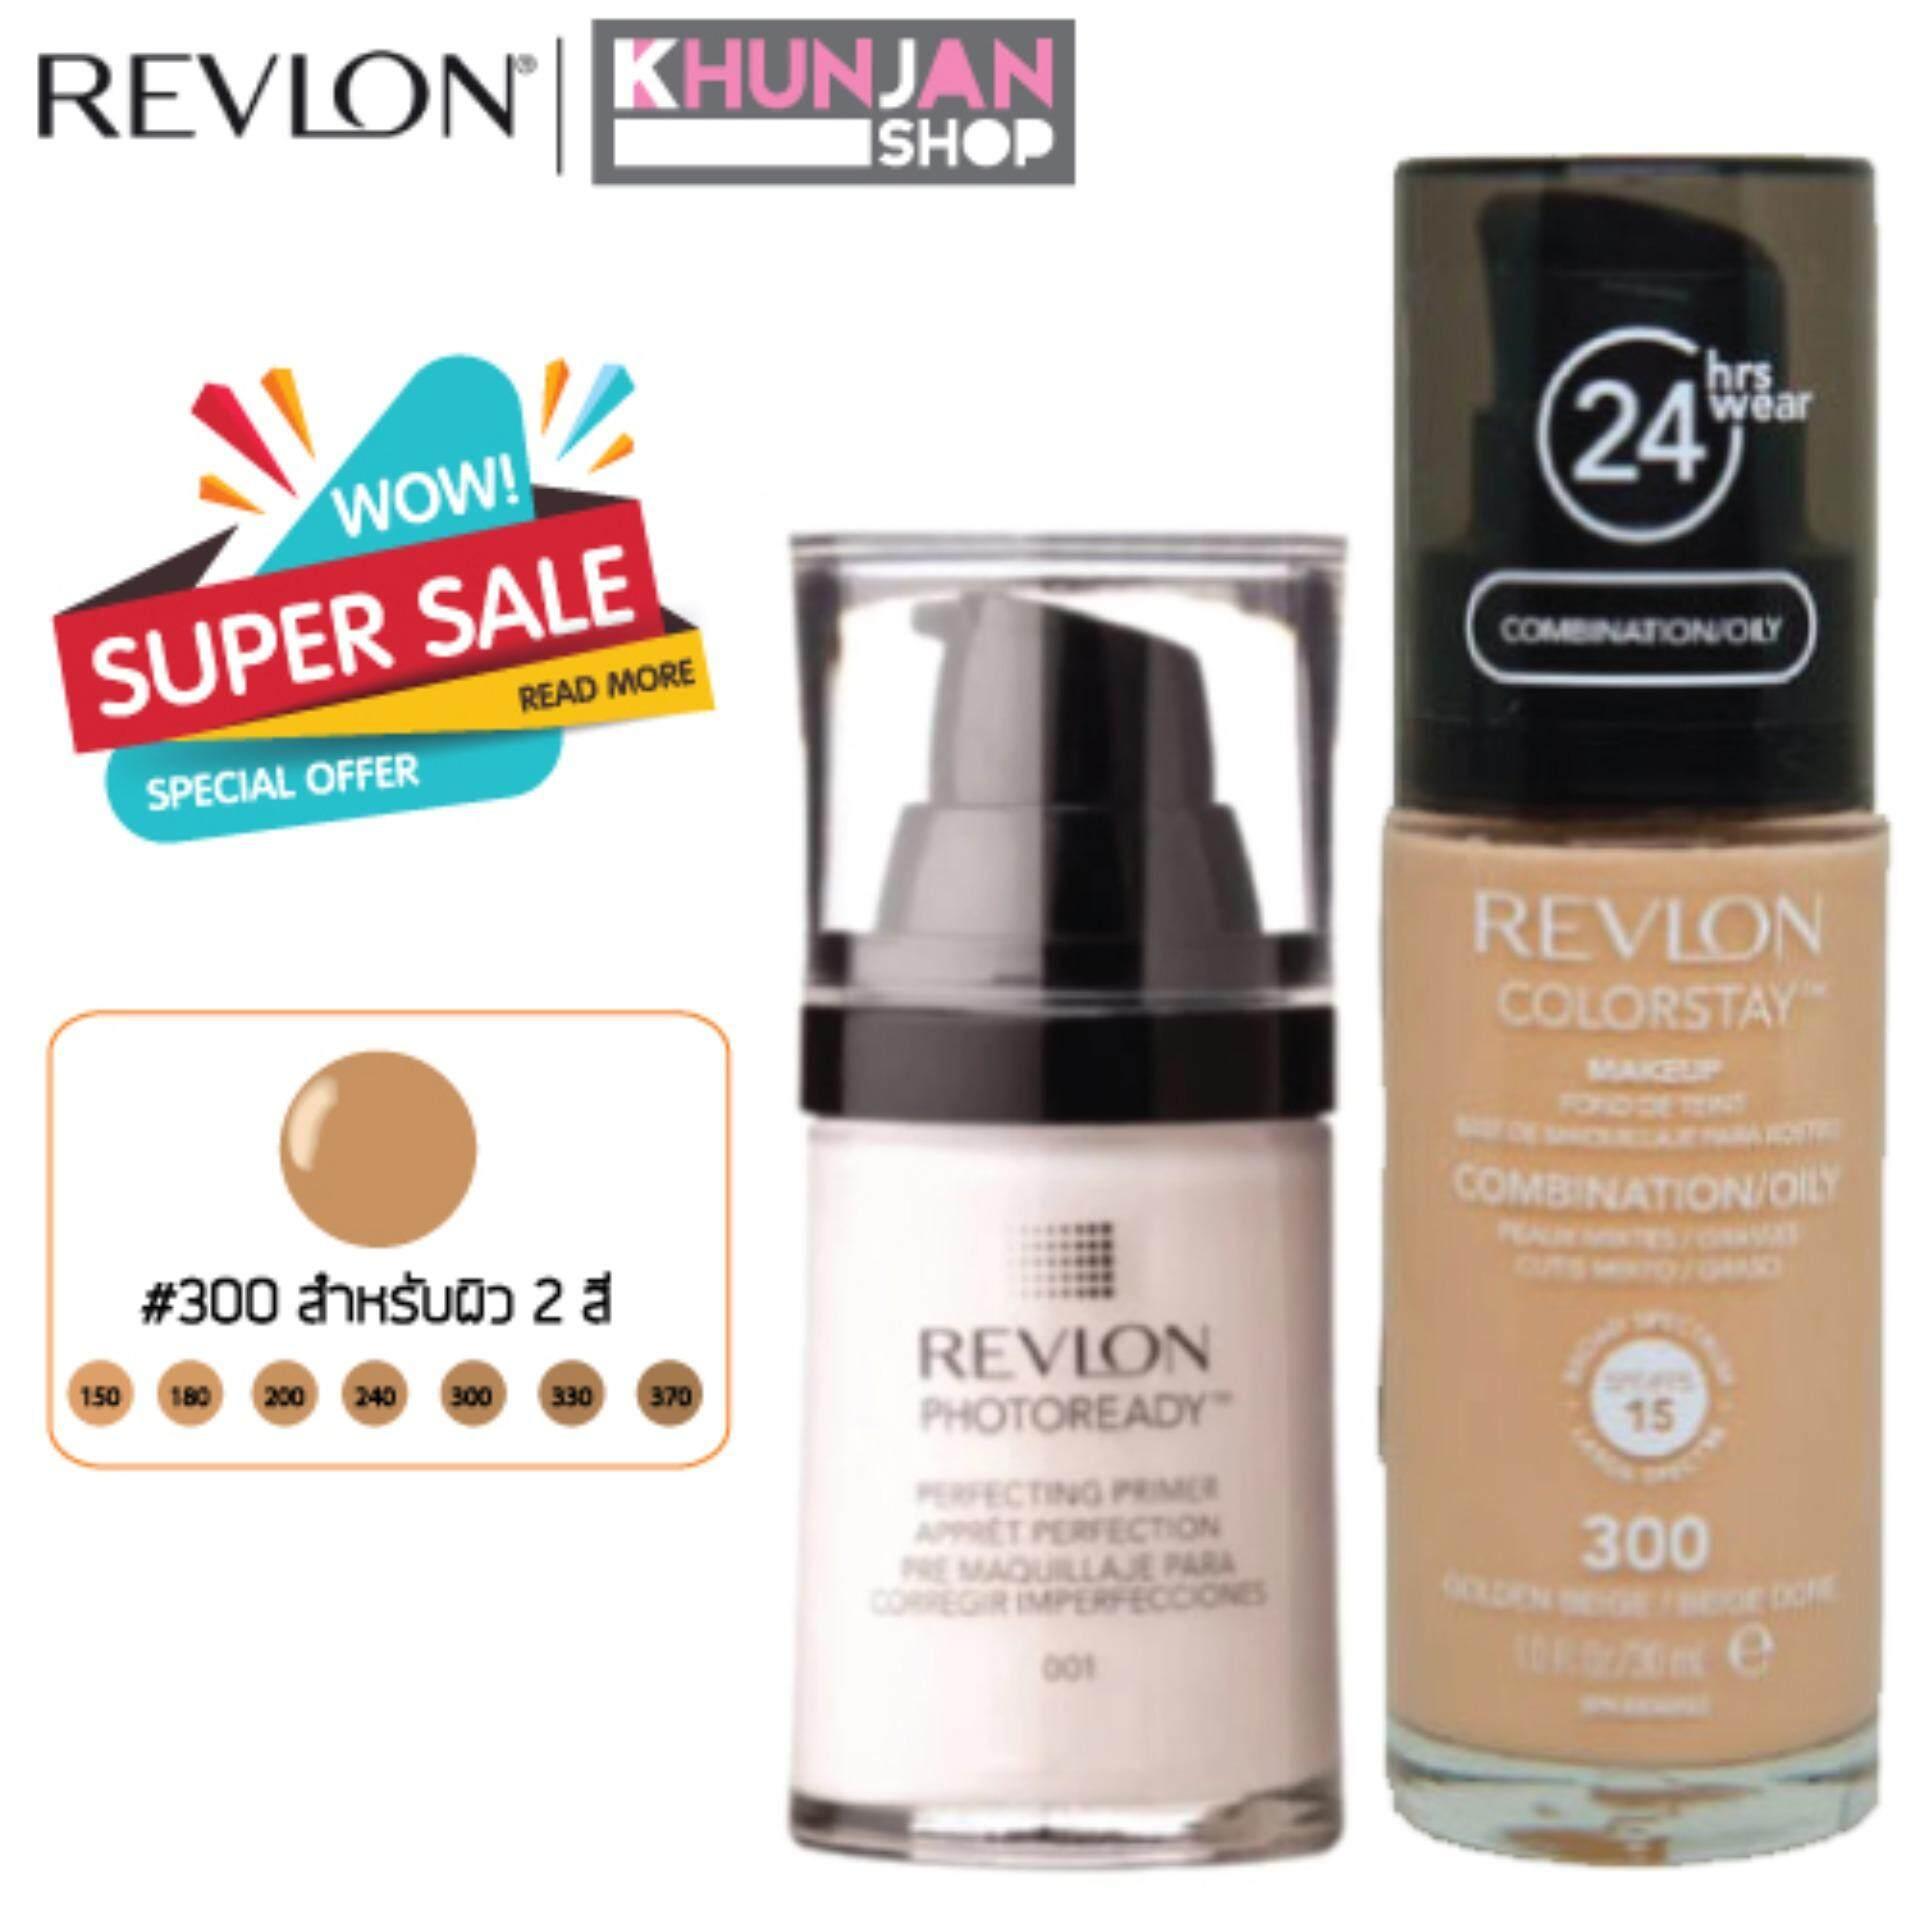 ส่วนลด Revlon Color Stay 300 Golden Beige Revlon Photoready Perfecting Primer 001 Revlon กรุงเทพมหานคร